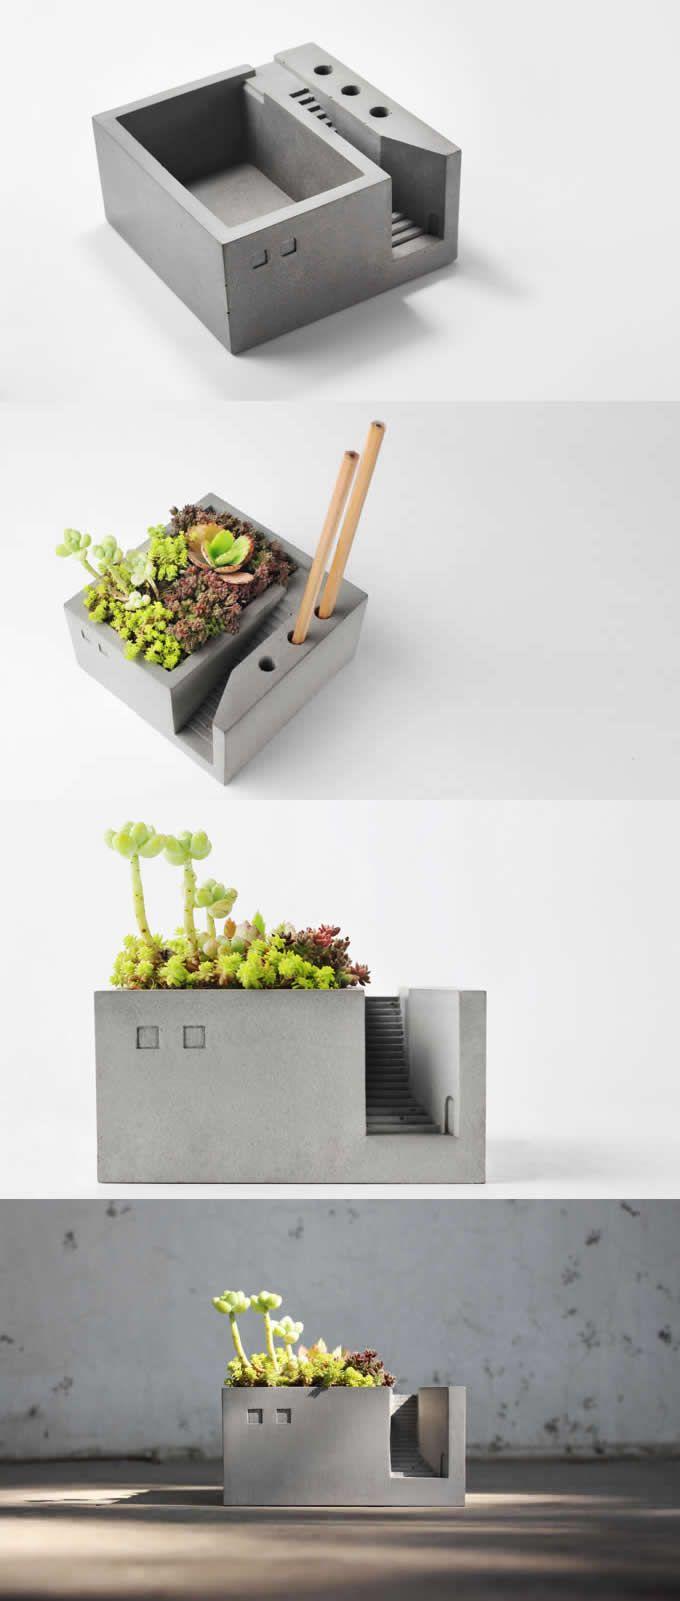 Pen Pencil Holder Stand Concrete Desktop Organizer Succulent Planter / Plant Pot / Flower Pot / Bonsai Pot